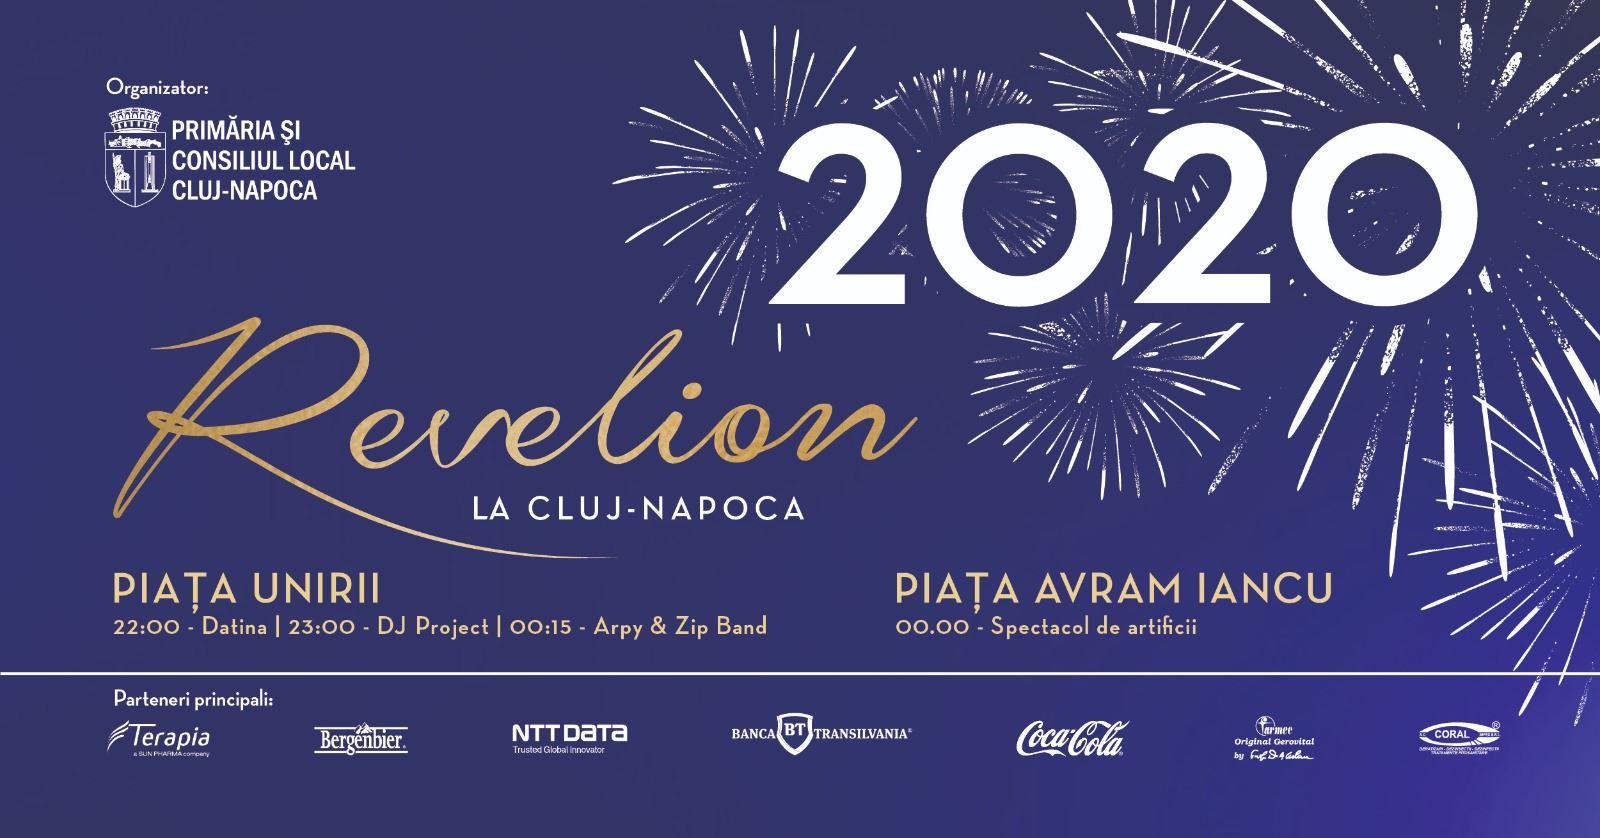 PROGRAM DE REVELION 2020 în centrul Clujului!